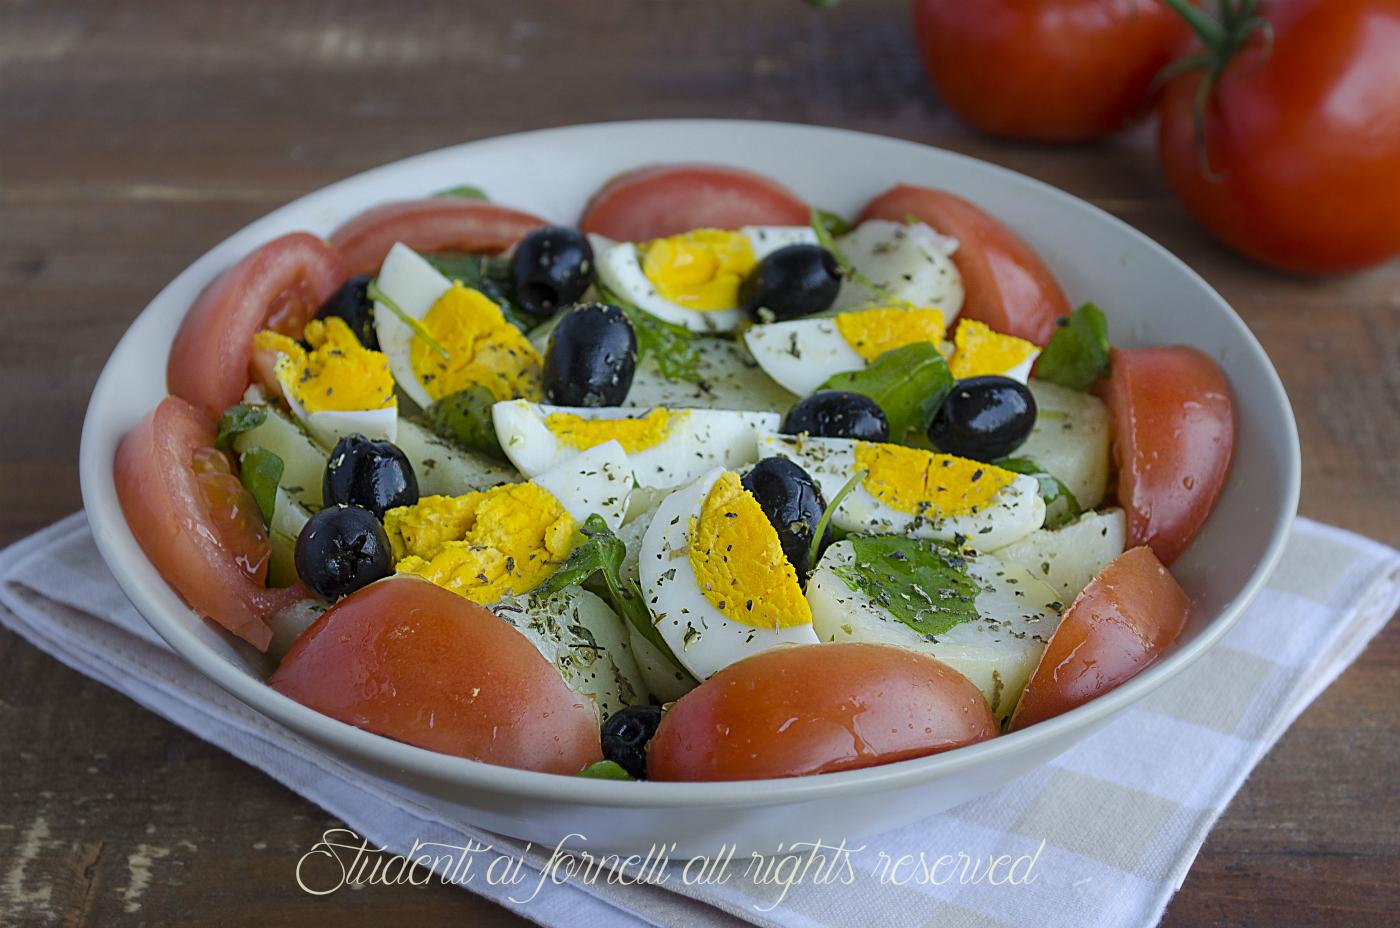 insalata-di-patate-e-uova-sode-con-pomodori-ricetta-insalata-estiva